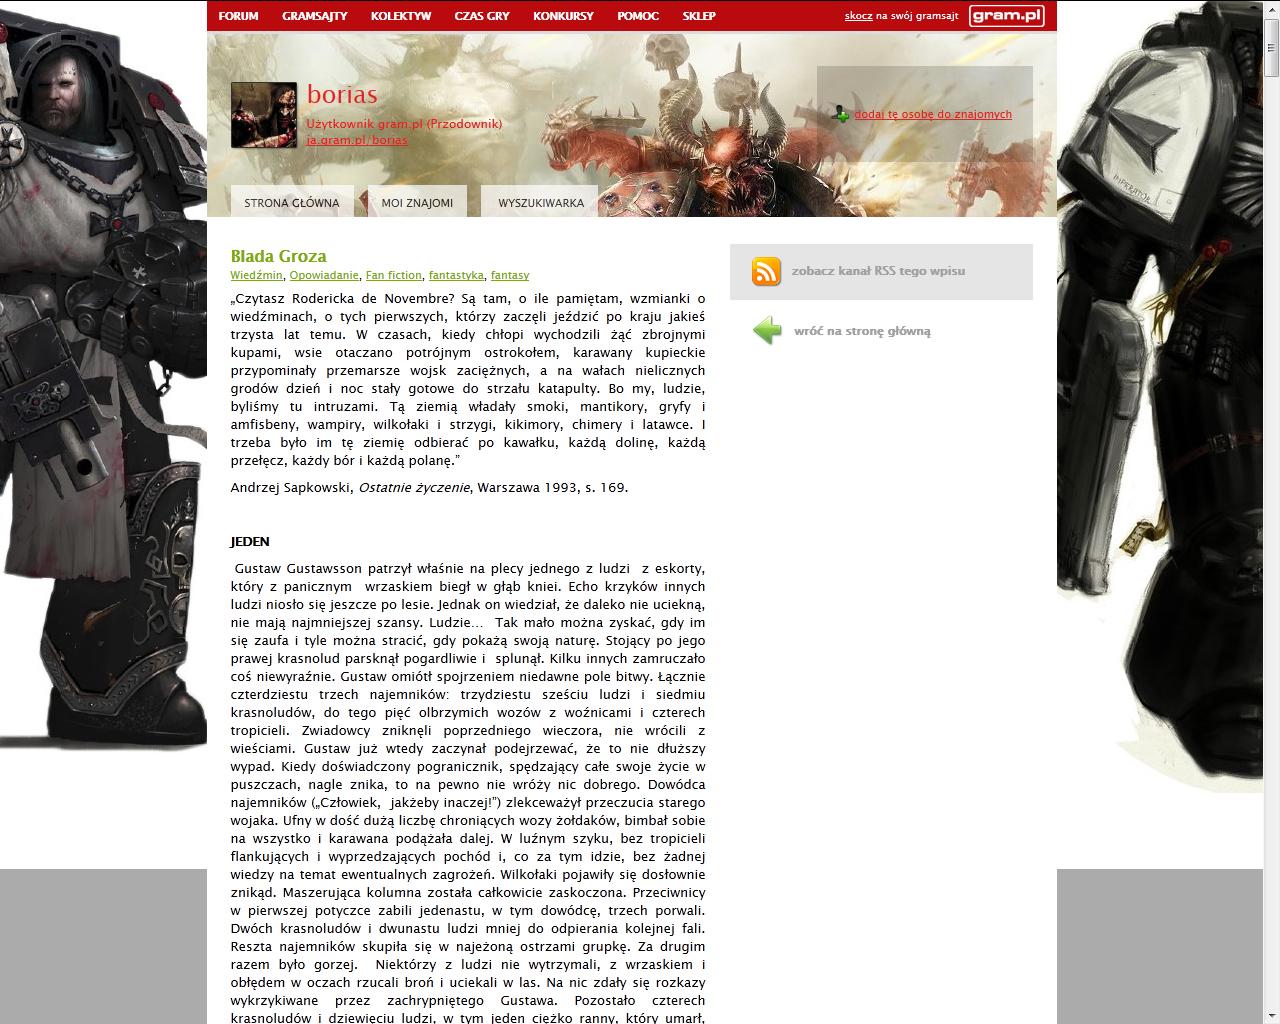 Co w gramsajtach piszczy #111 - O Ethanie Carterze, grach cRPG i filmie Miasto 44! - obrazek 5